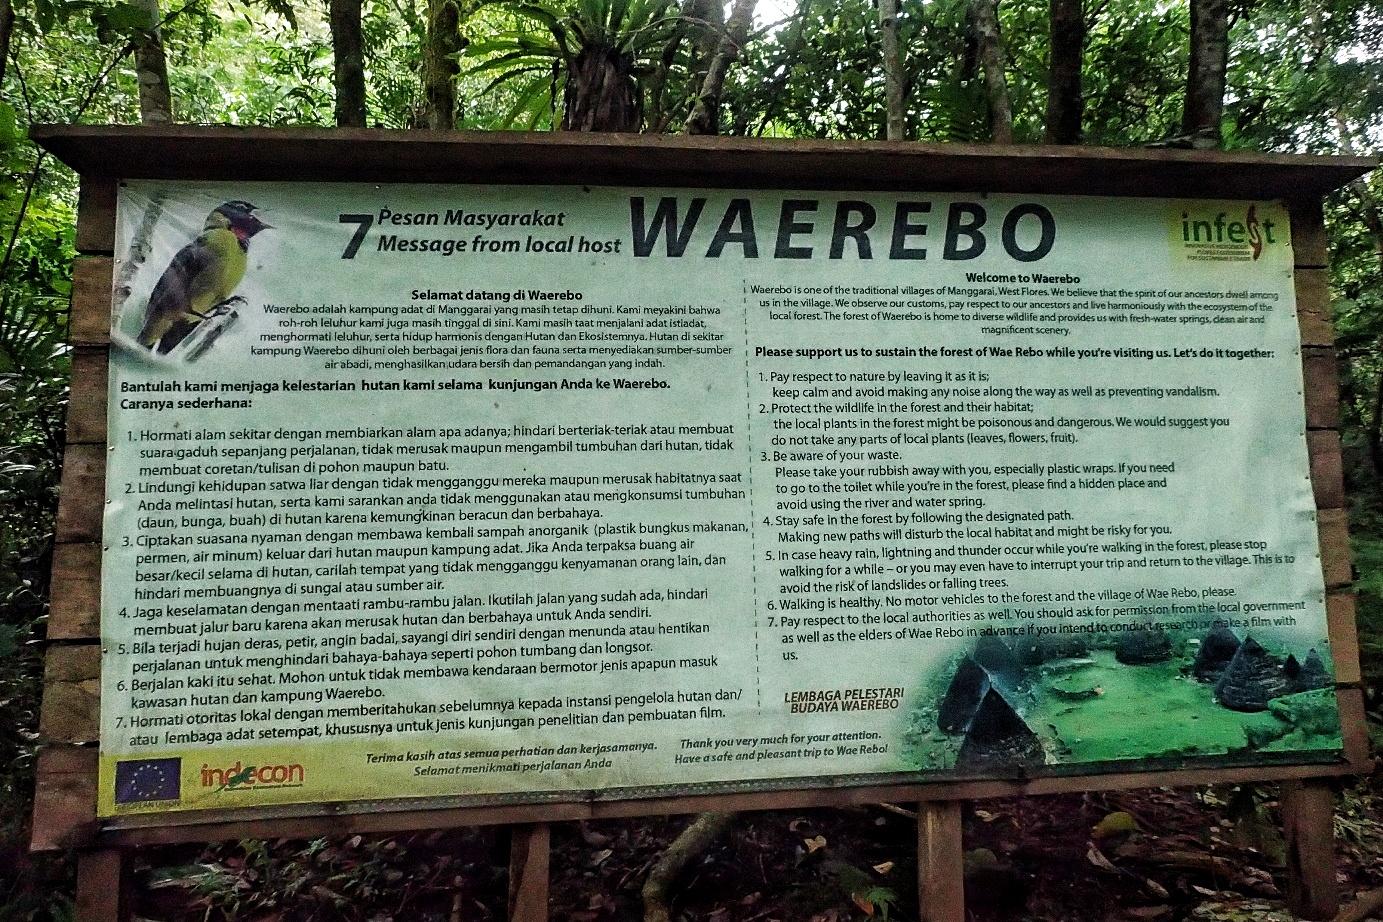 Papan informasi mengenai desa adat Waerebo di pintu pendakian